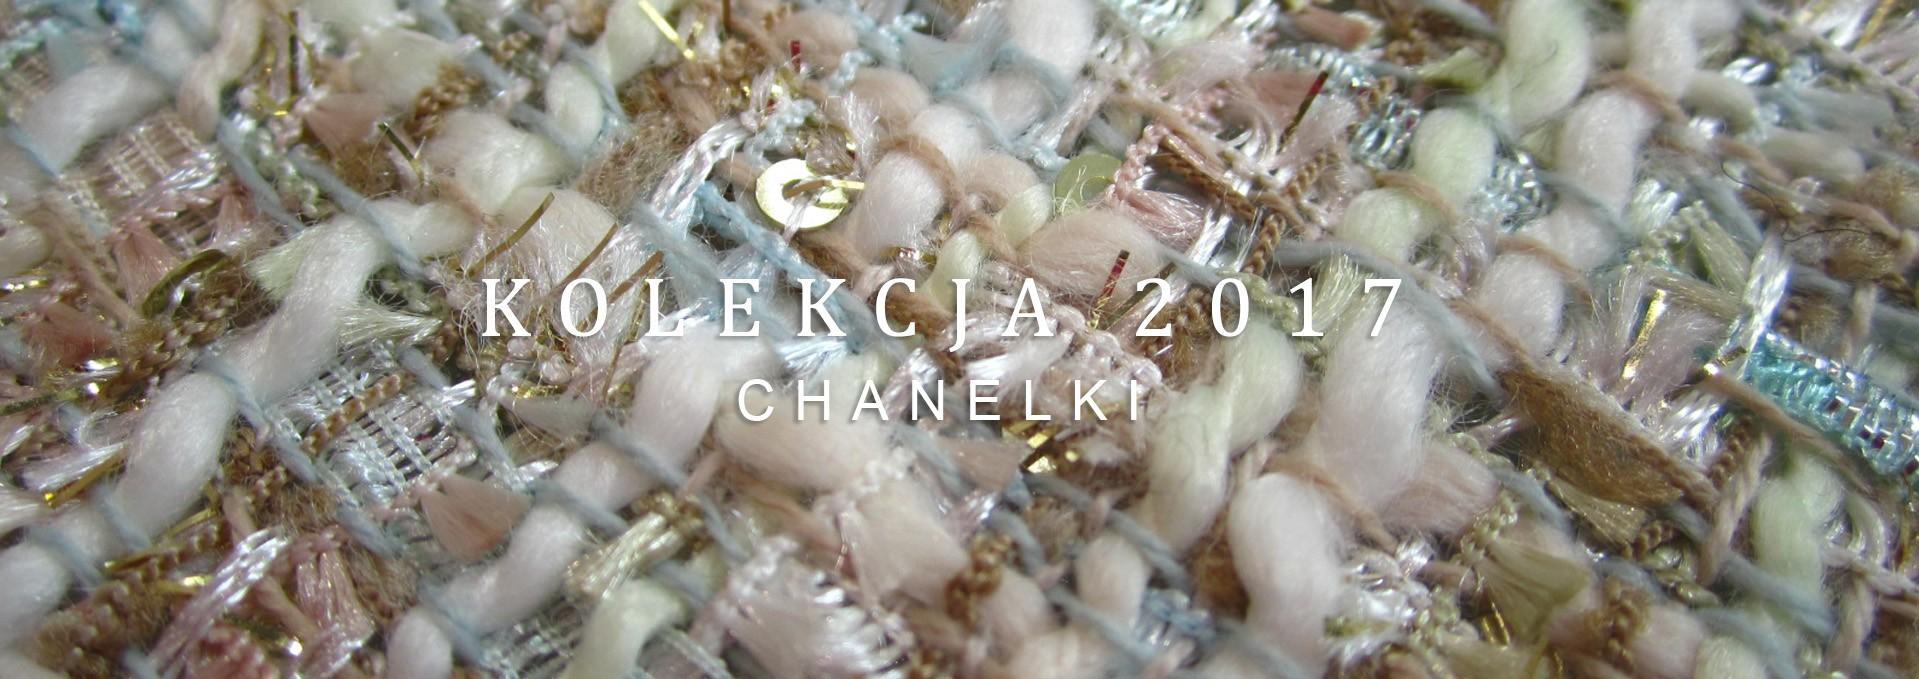 Kolekcja 2016 Chanelki